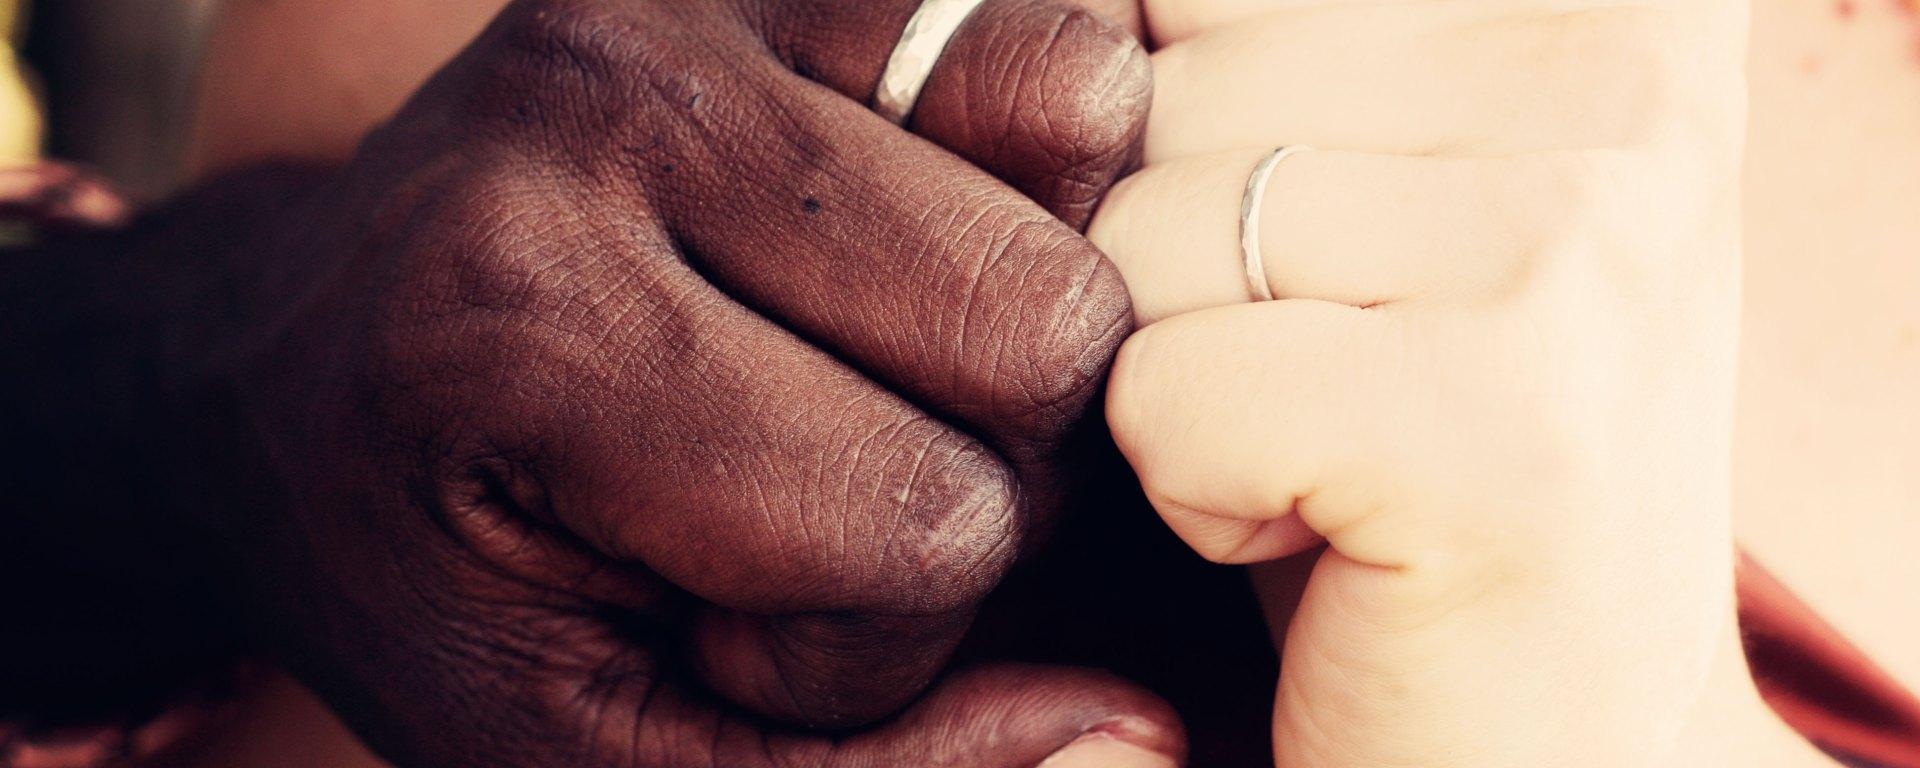 main noire et blanche couple